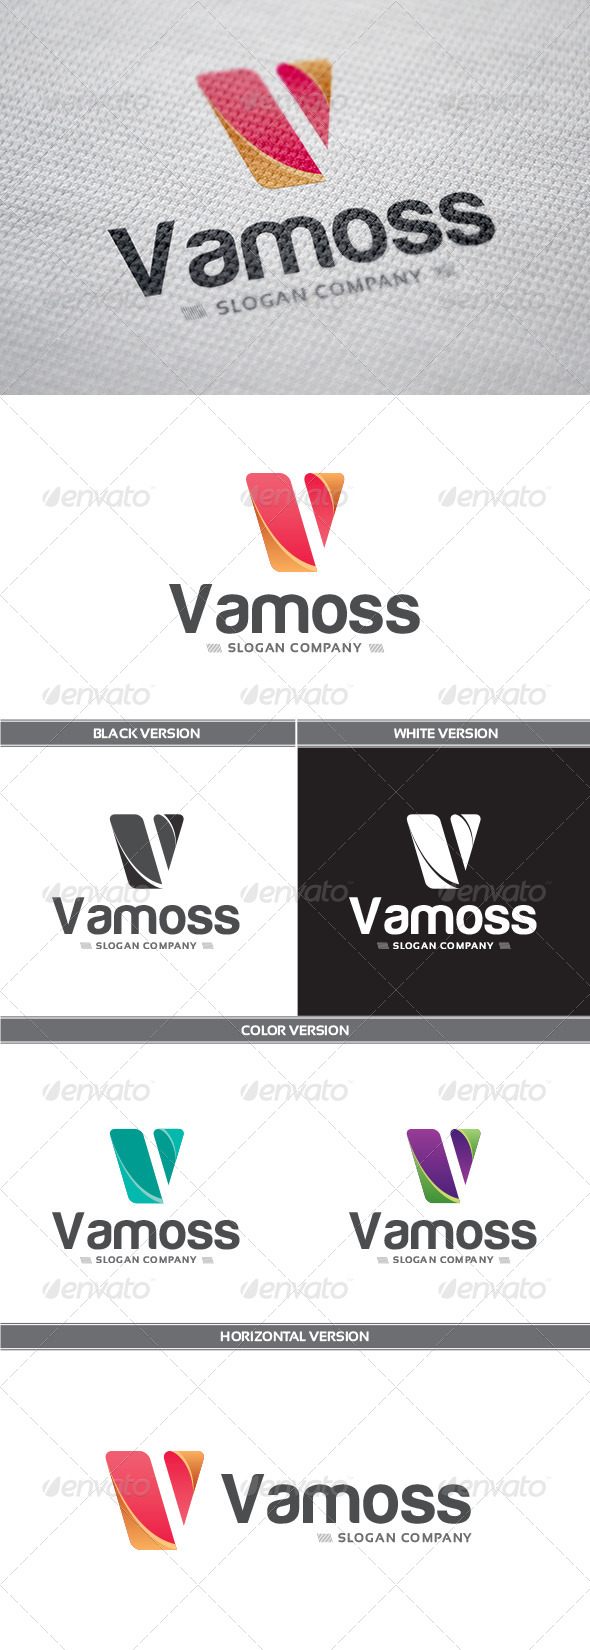 GraphicRiver Vamoss Logo 8173223